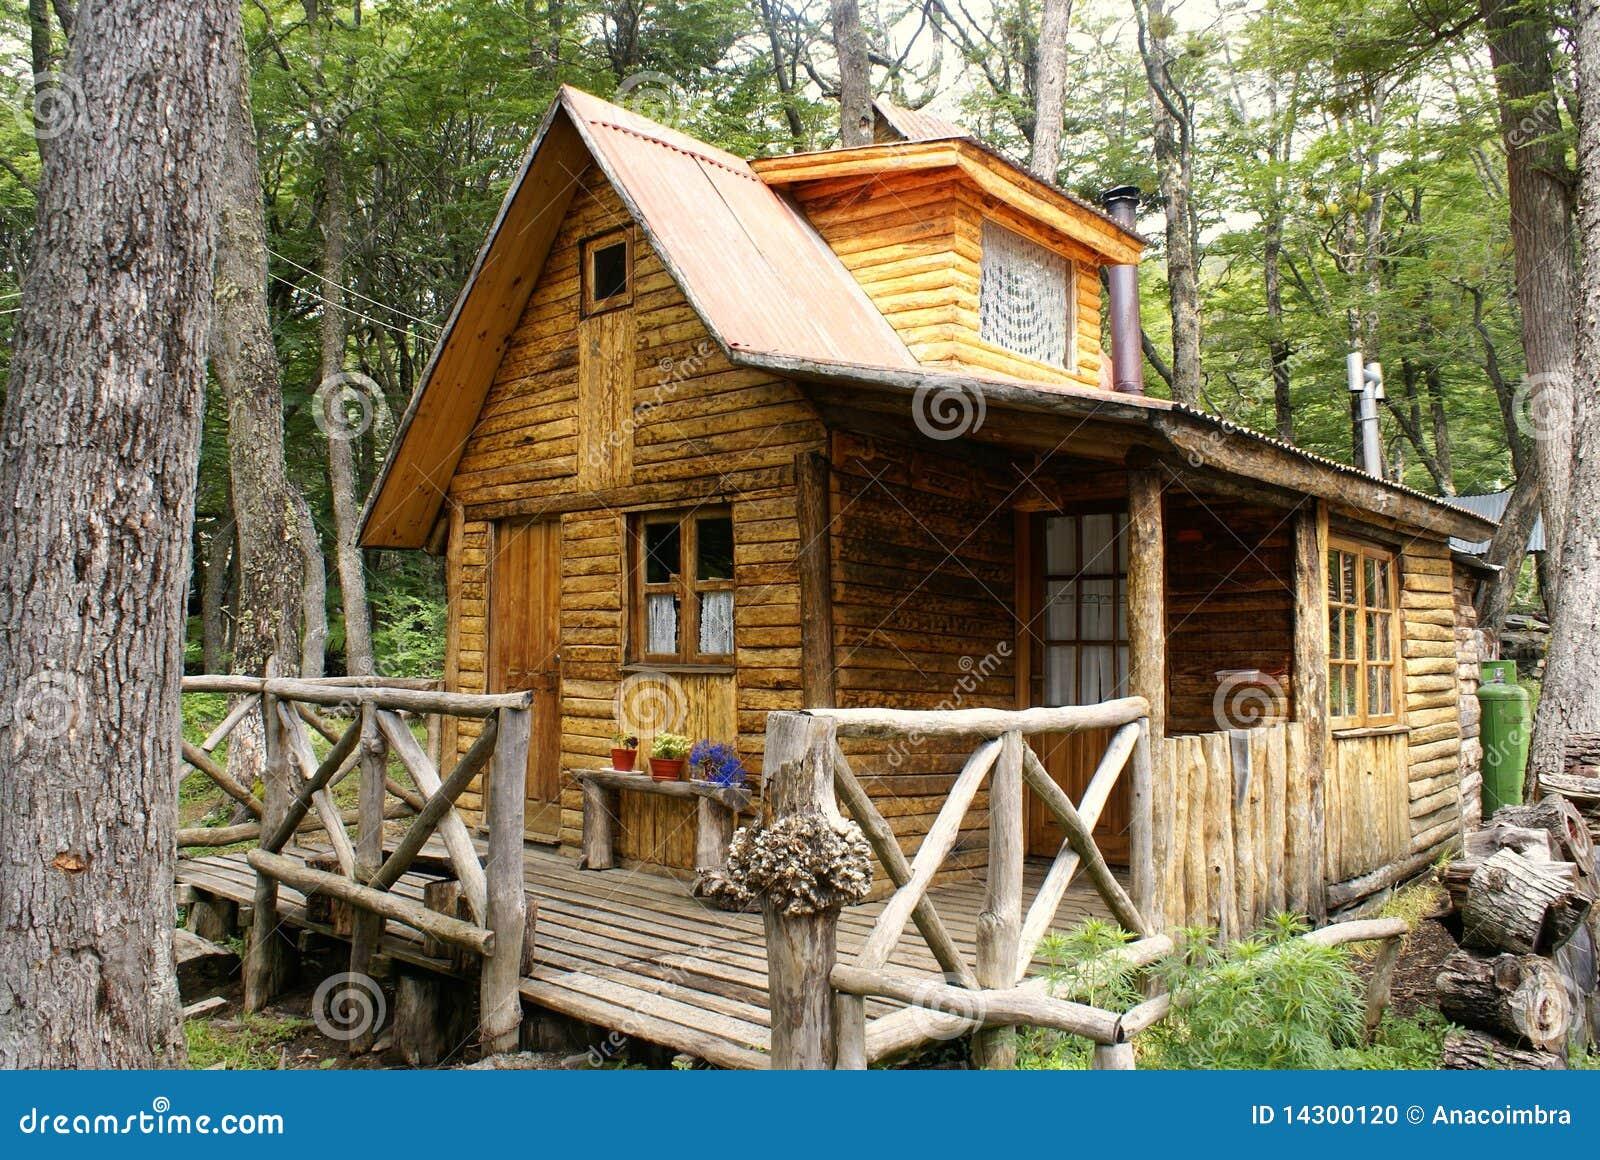 Casa de madera en patagonia foto de archivo imagen 14300120 - La casa de madera ...